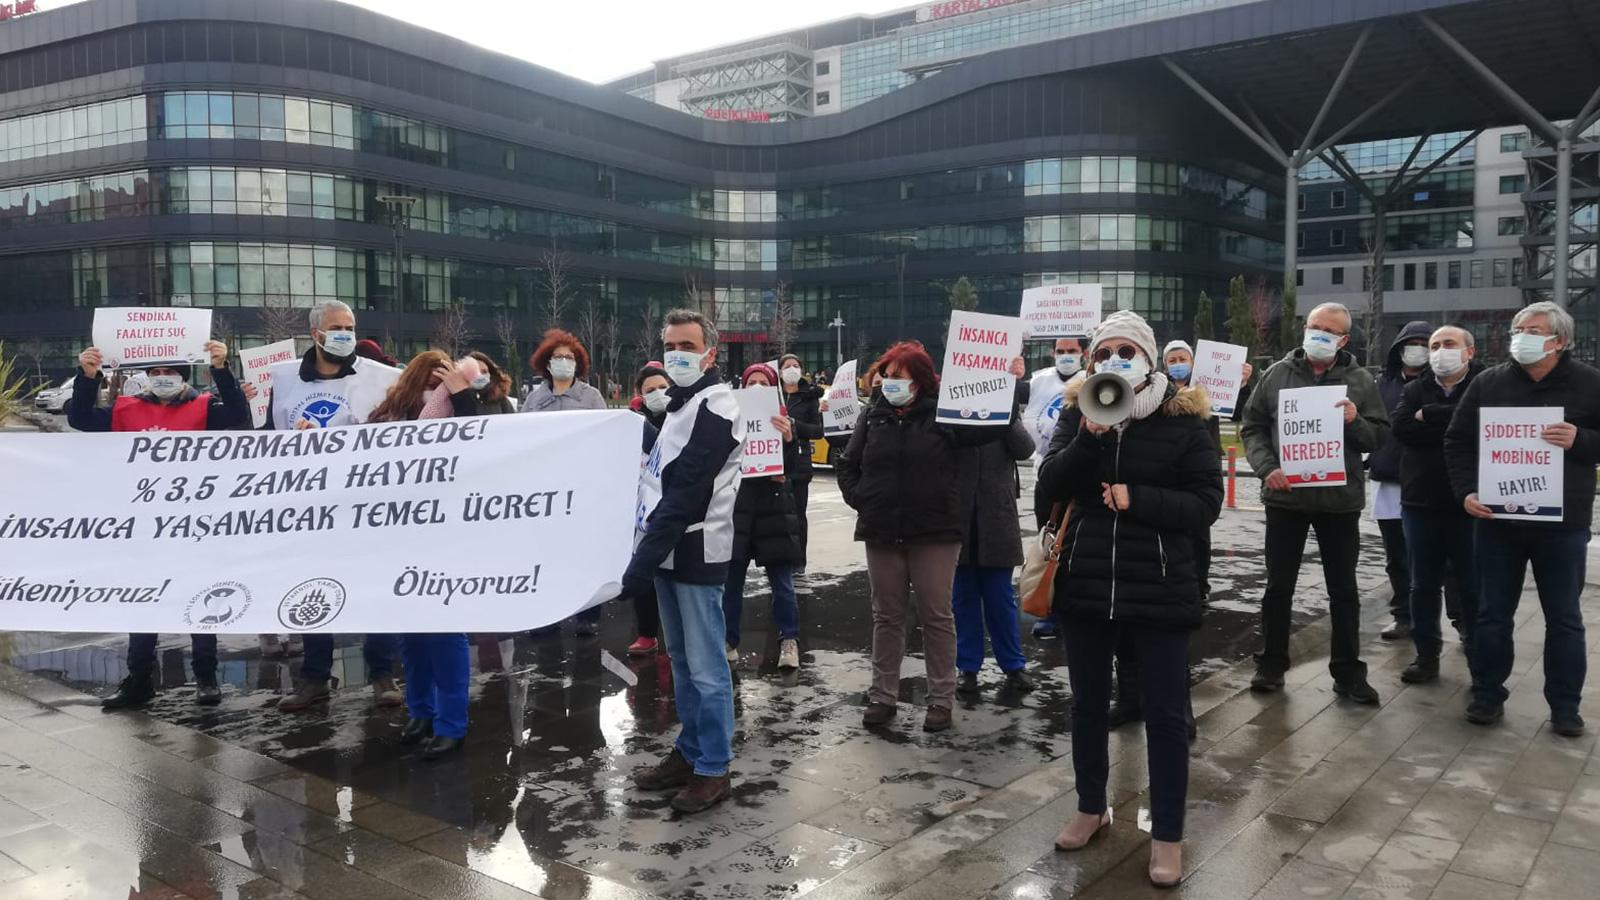 Sağlık Çalışanlarından Ortak Basın Açıklamaları: Güvenceli Tek Ücret